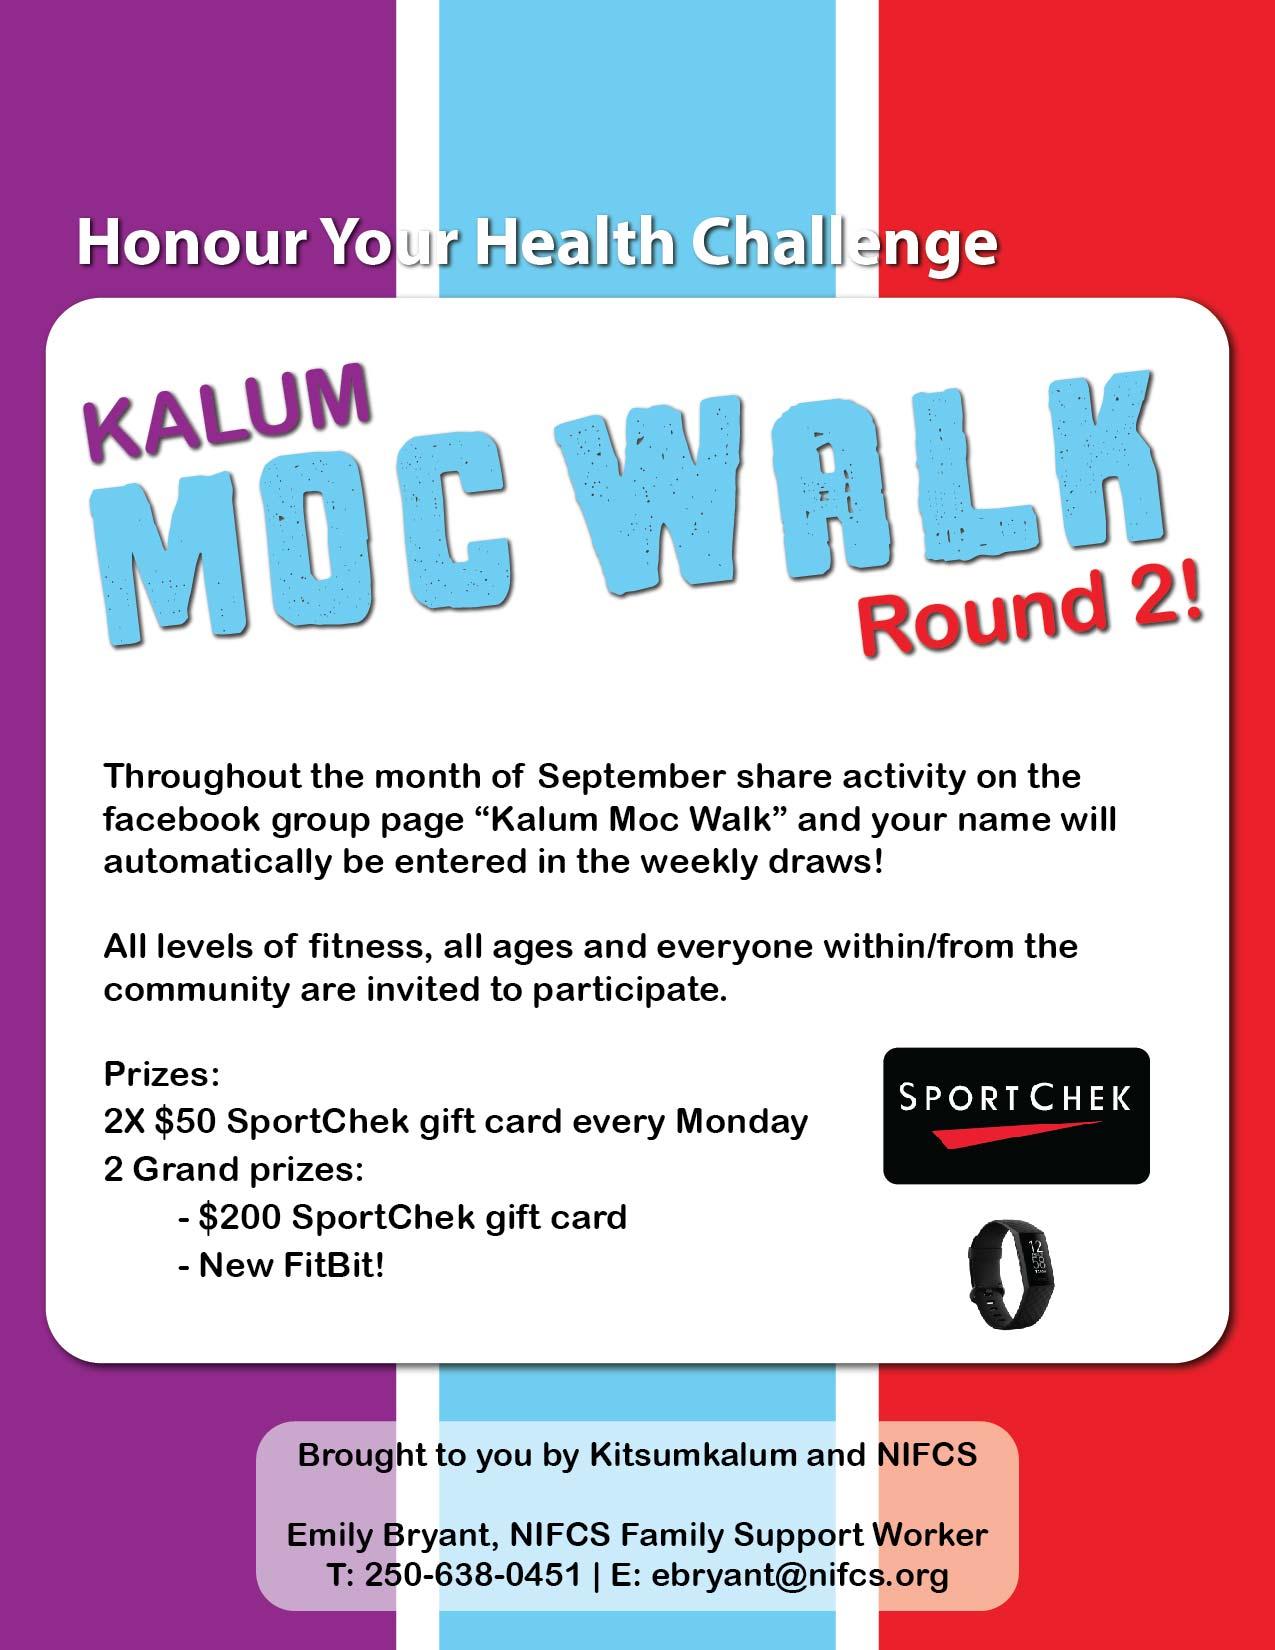 Kalum Moc Walk Round 2 in September